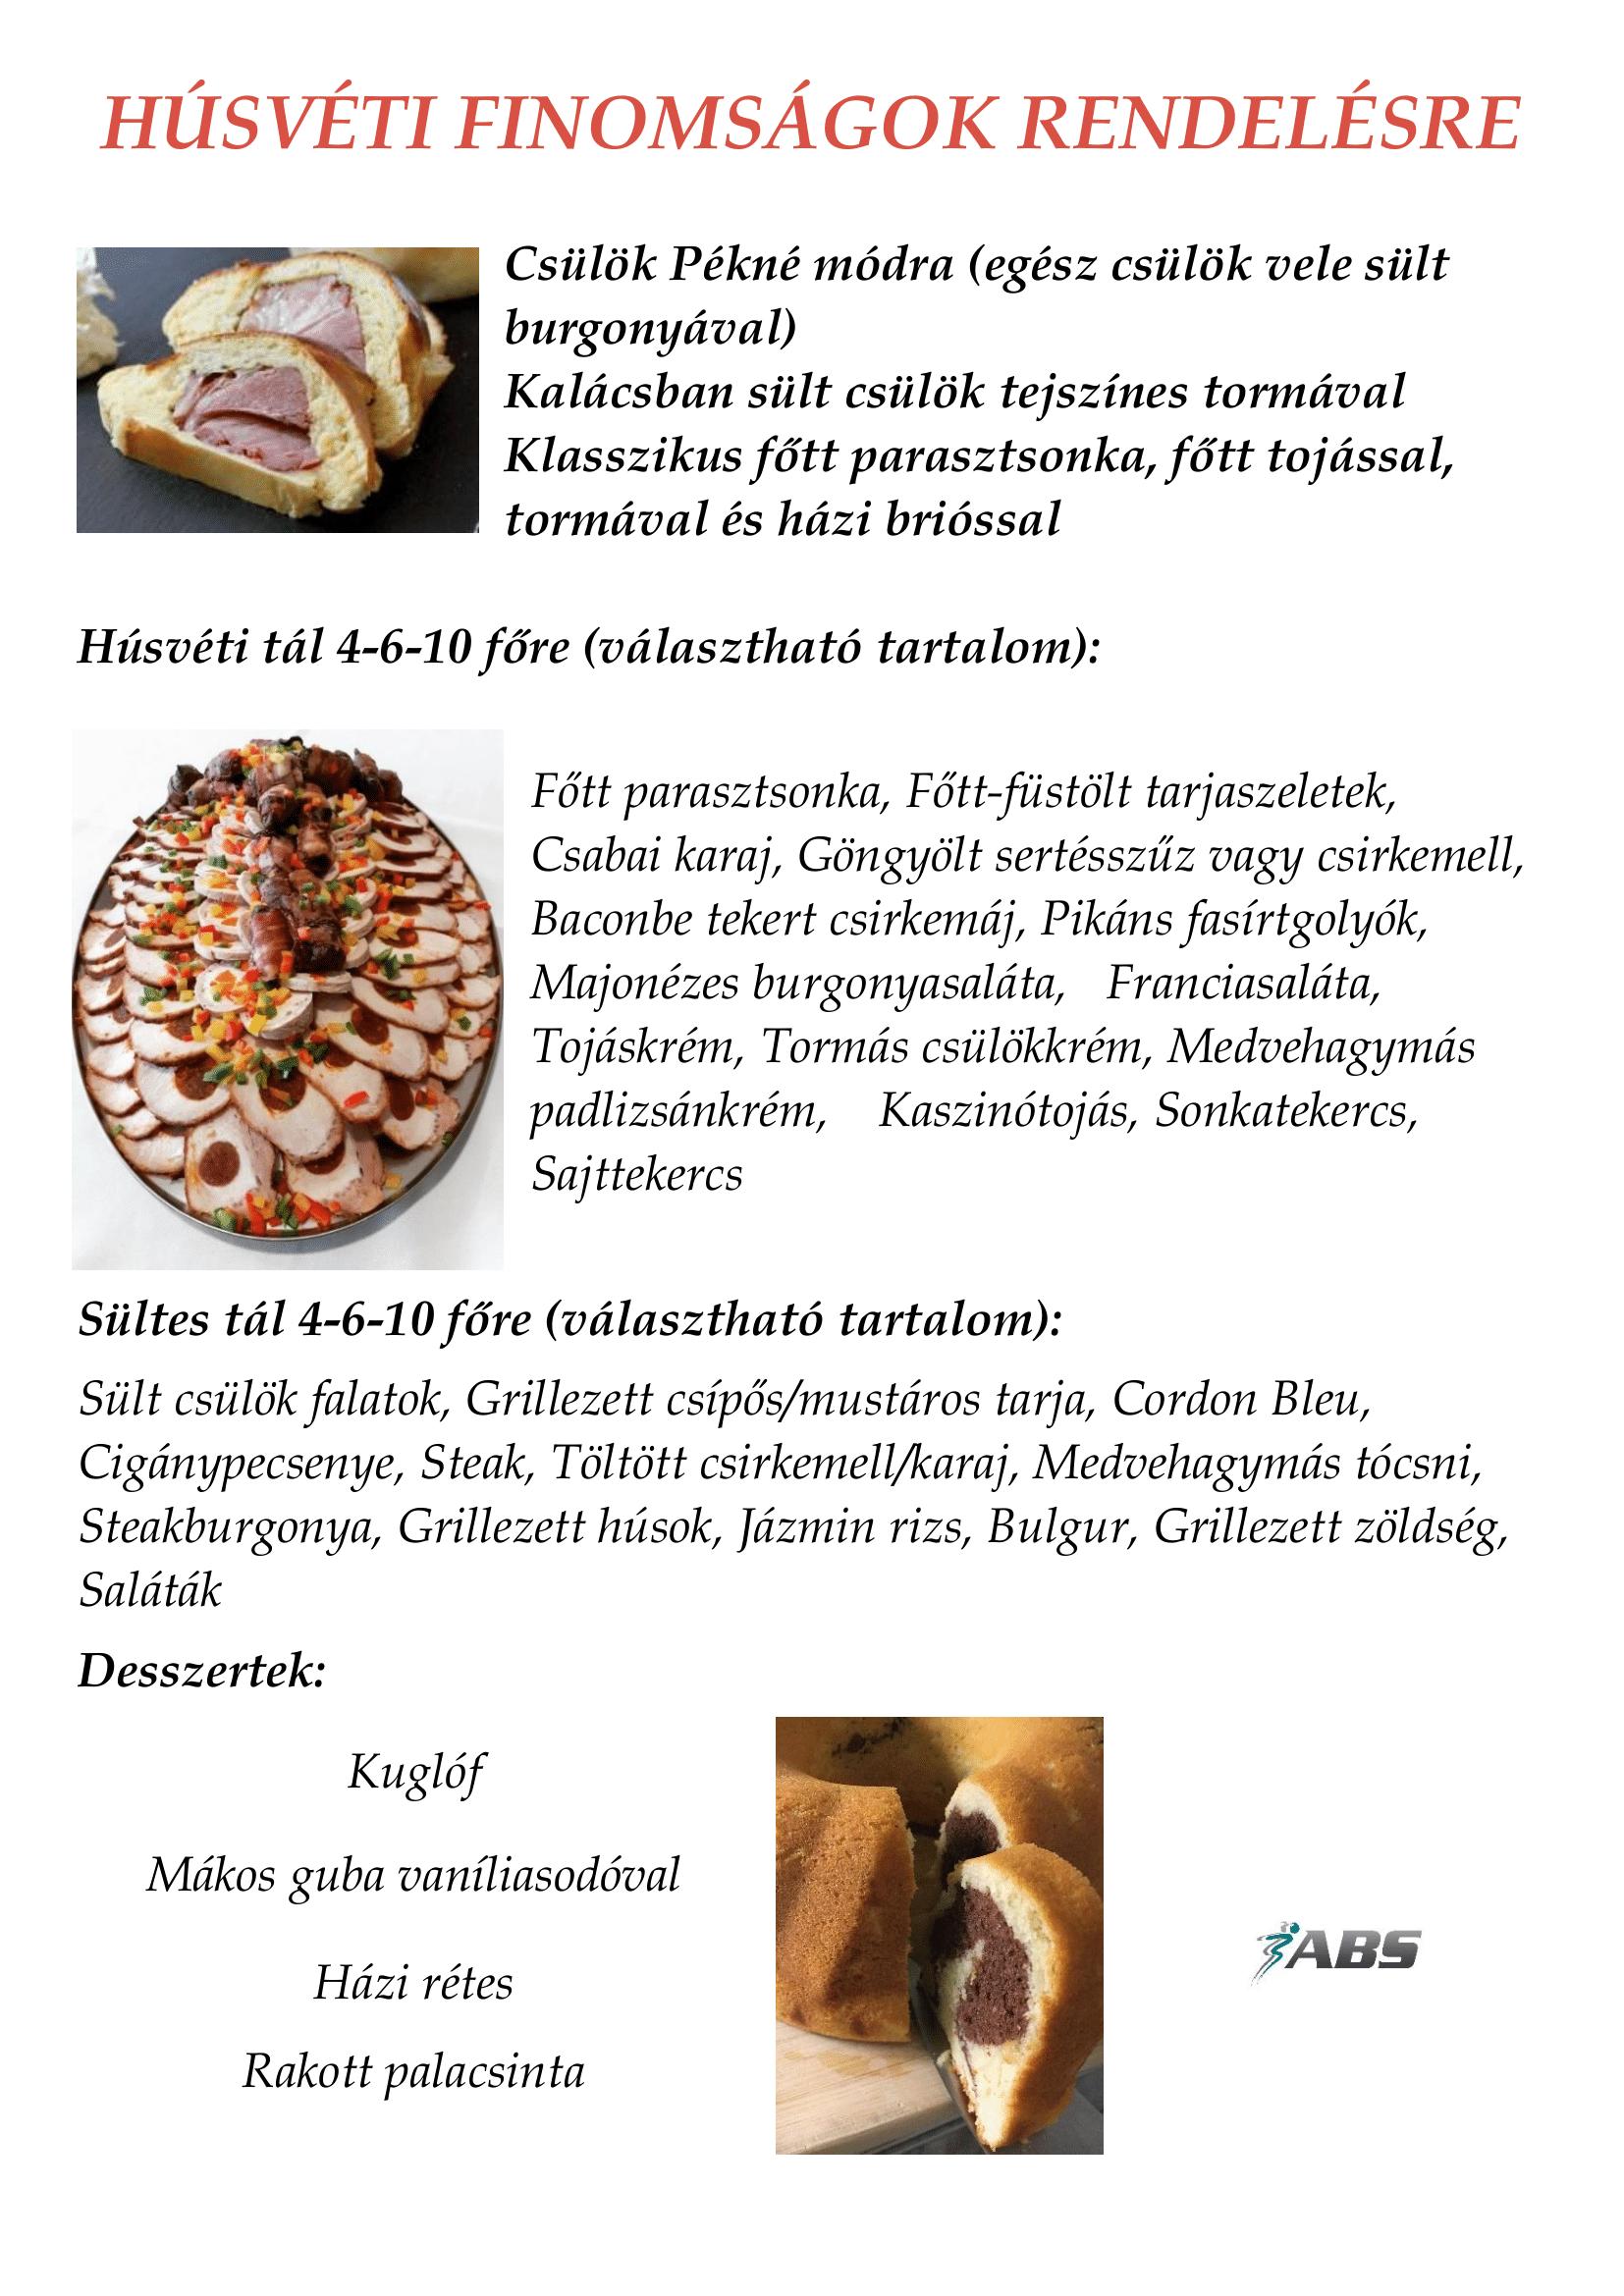 Húsvéti Ajánlat-1